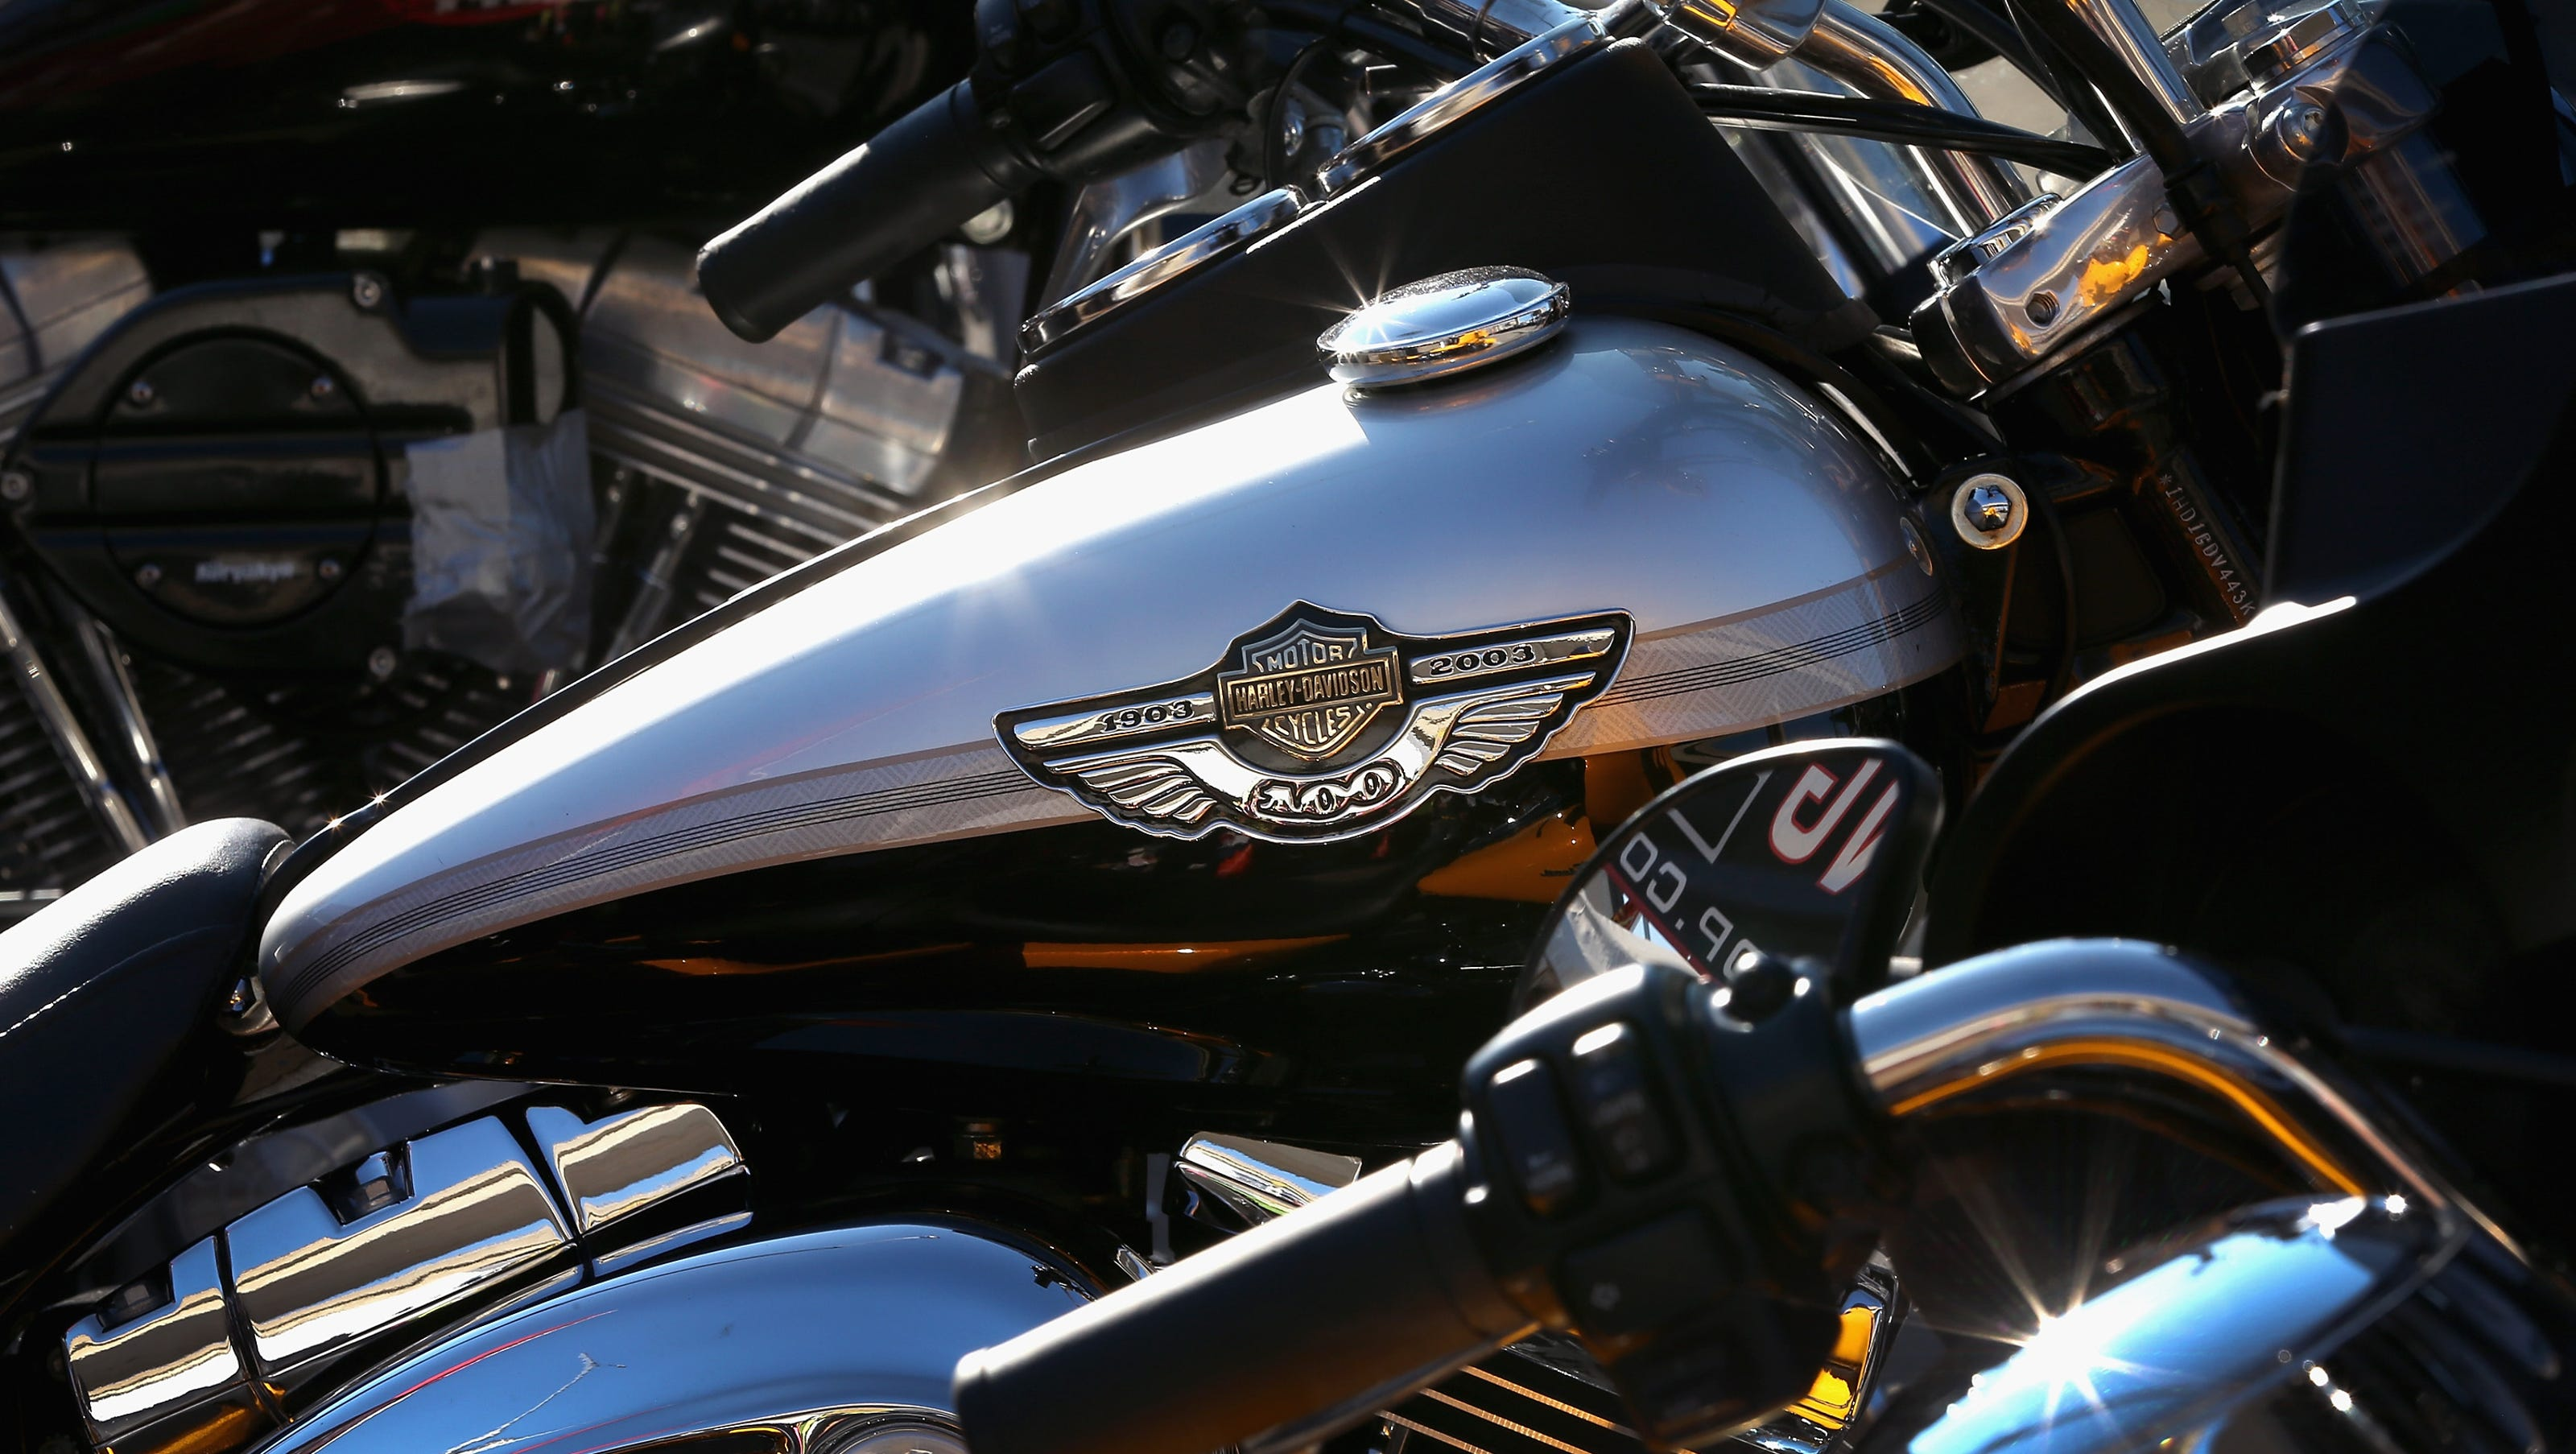 Enterprise To Rent Harley Davidson Motorcycles In Vegas